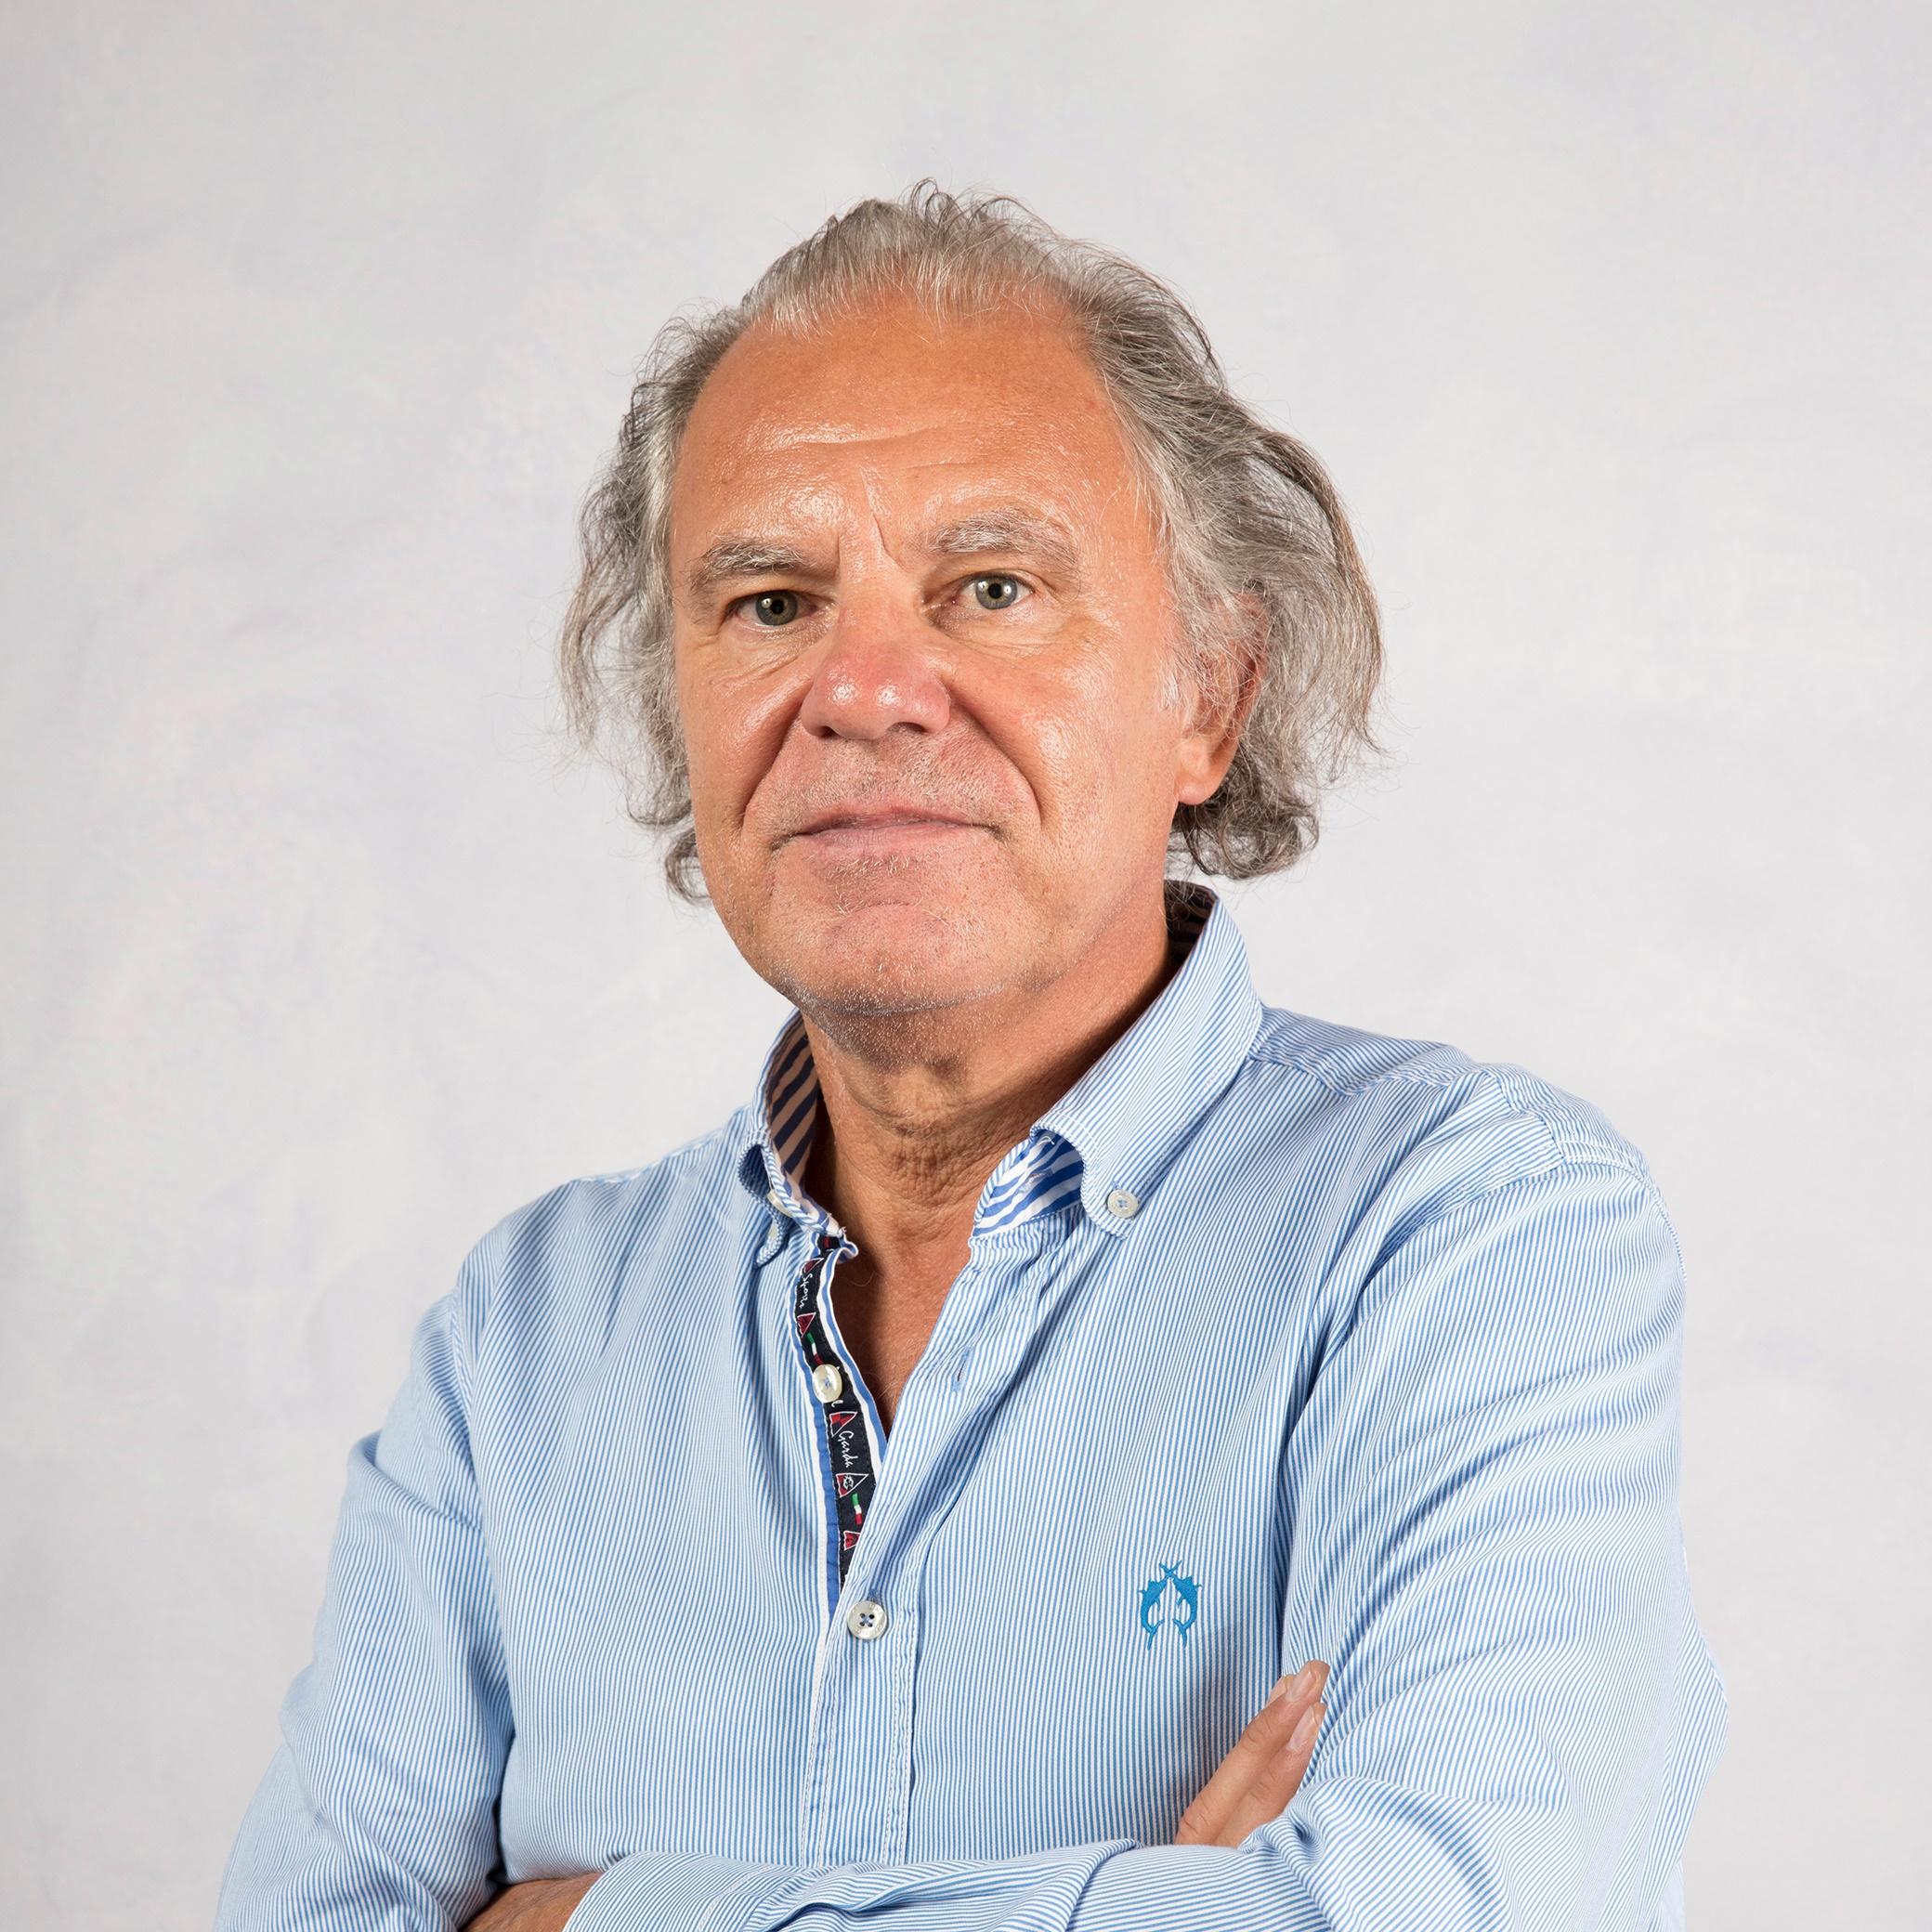 Portrait de Robinson - auteur présent au Salon du Livre de Royat-Chamalières 2019